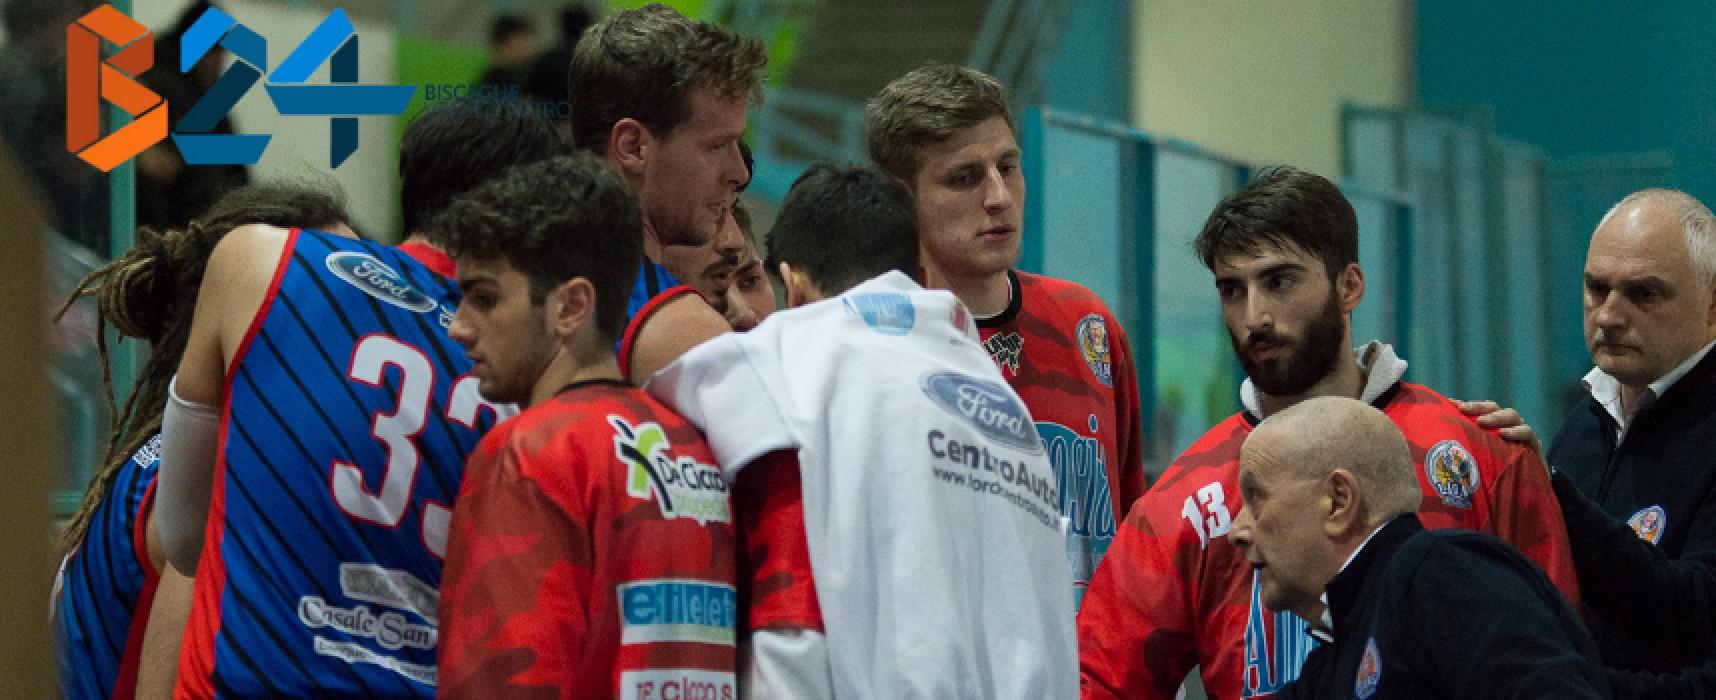 Lions Basket nuovamente in campo per il derby pugliese contro Monteroni